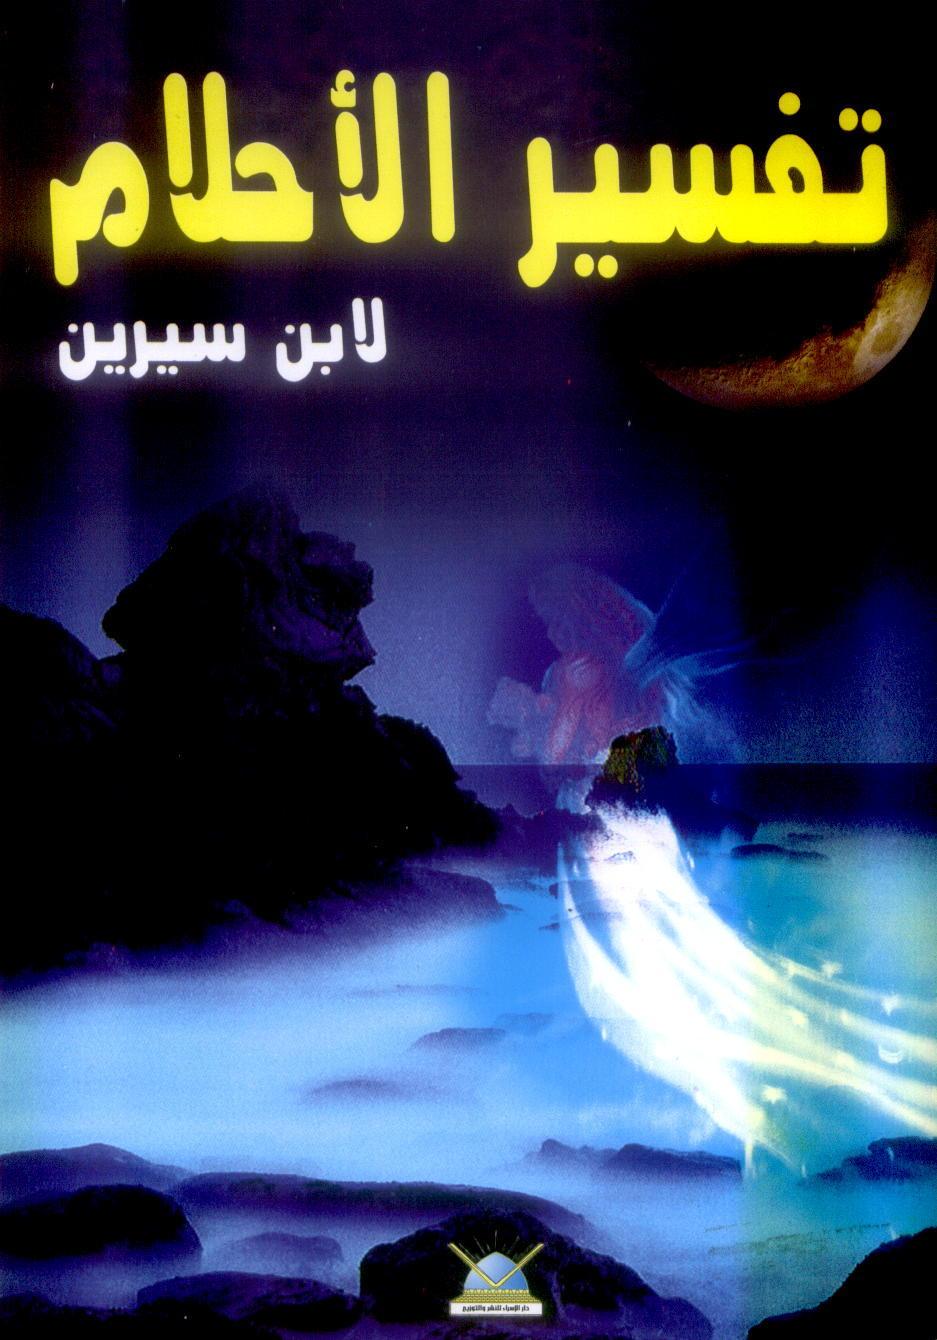 صوره كتاب تفسير الاحلام pdf